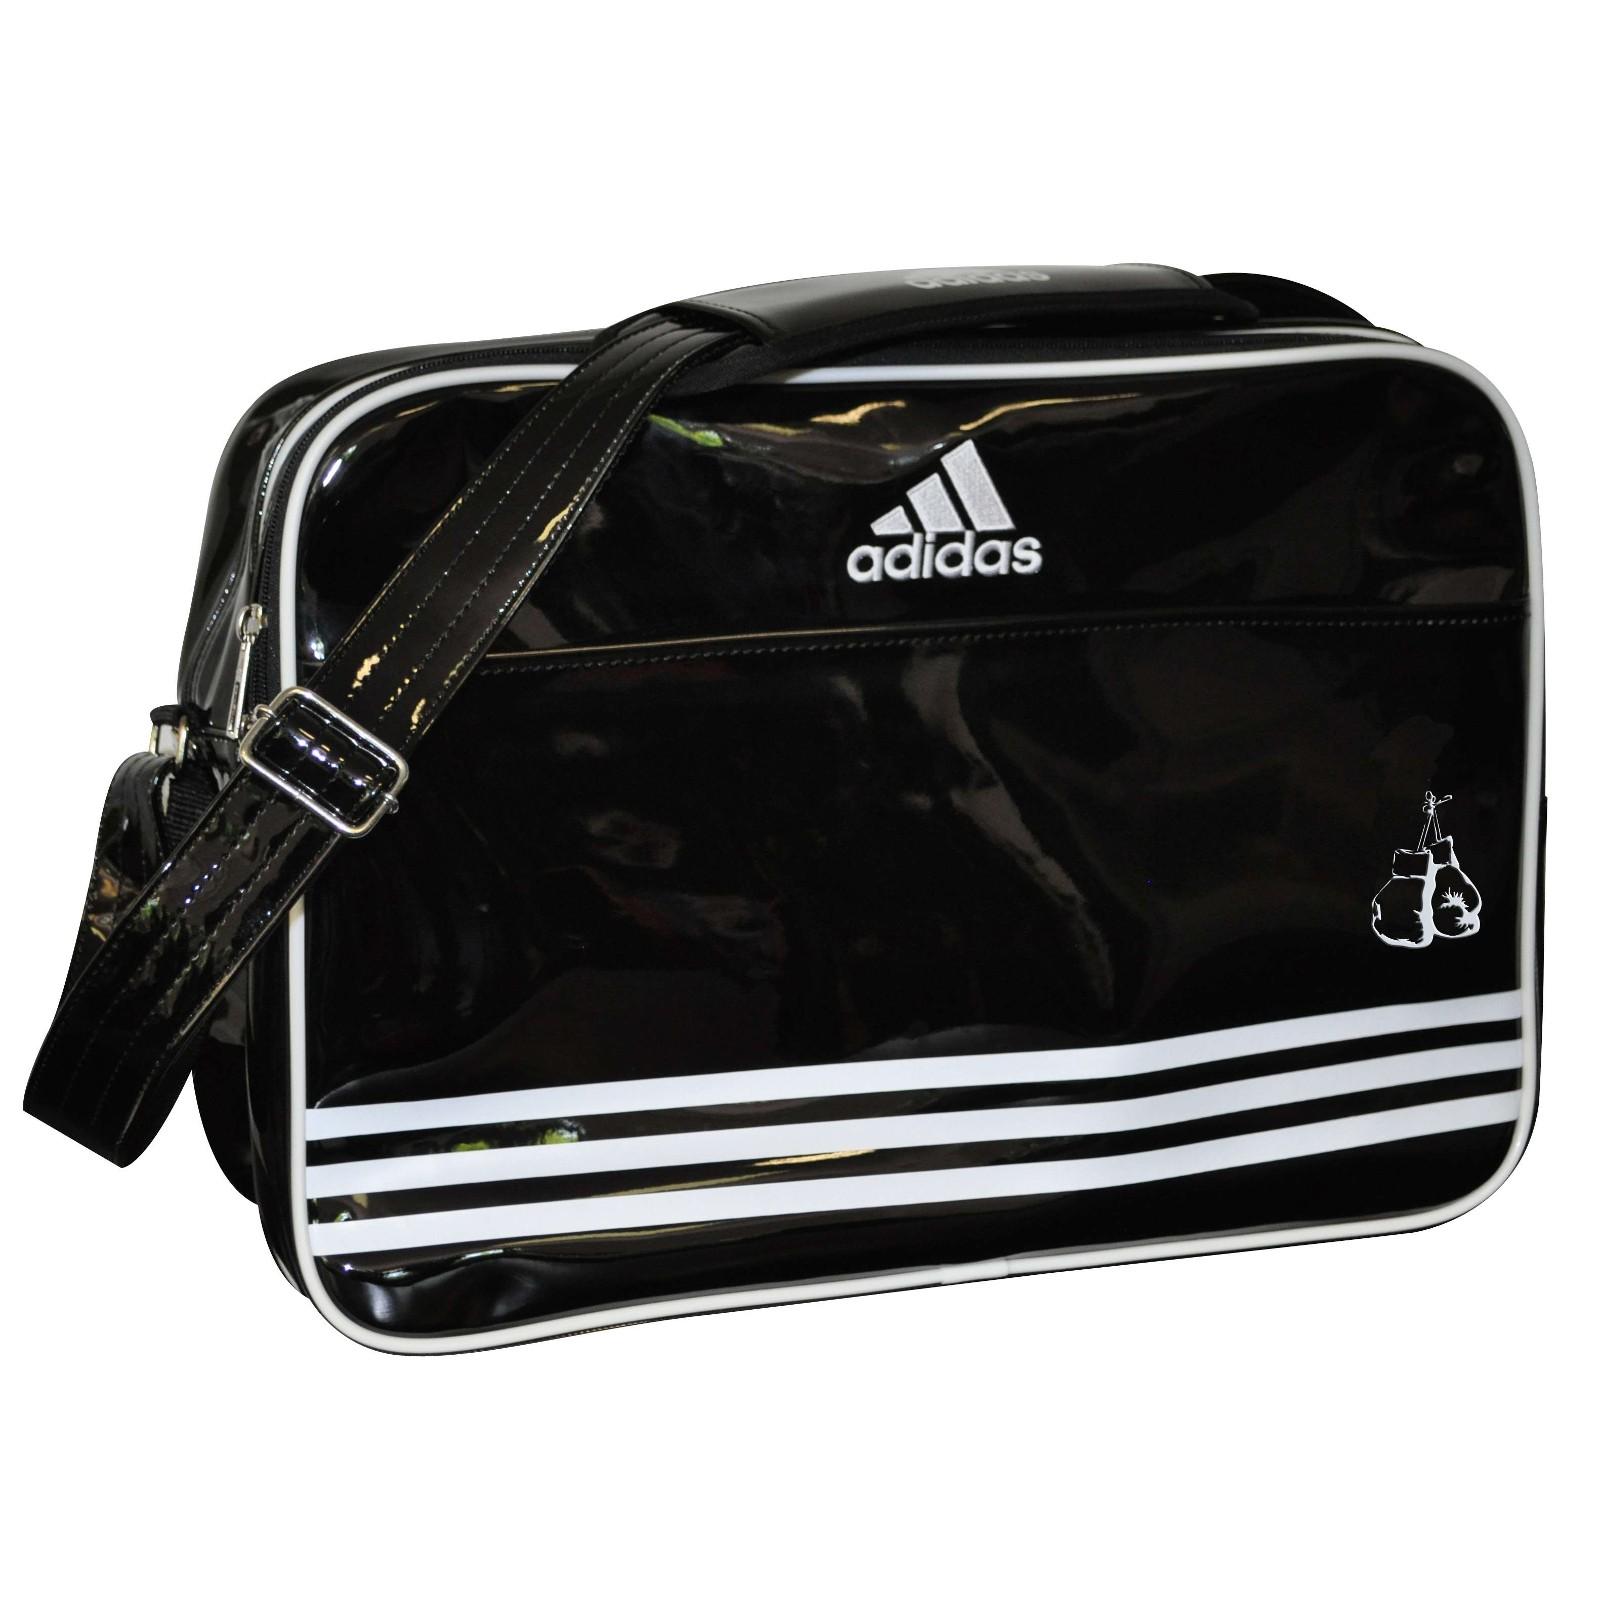 adidas boxing shoulder and carrier bag buy test sport tiedje. Black Bedroom Furniture Sets. Home Design Ideas